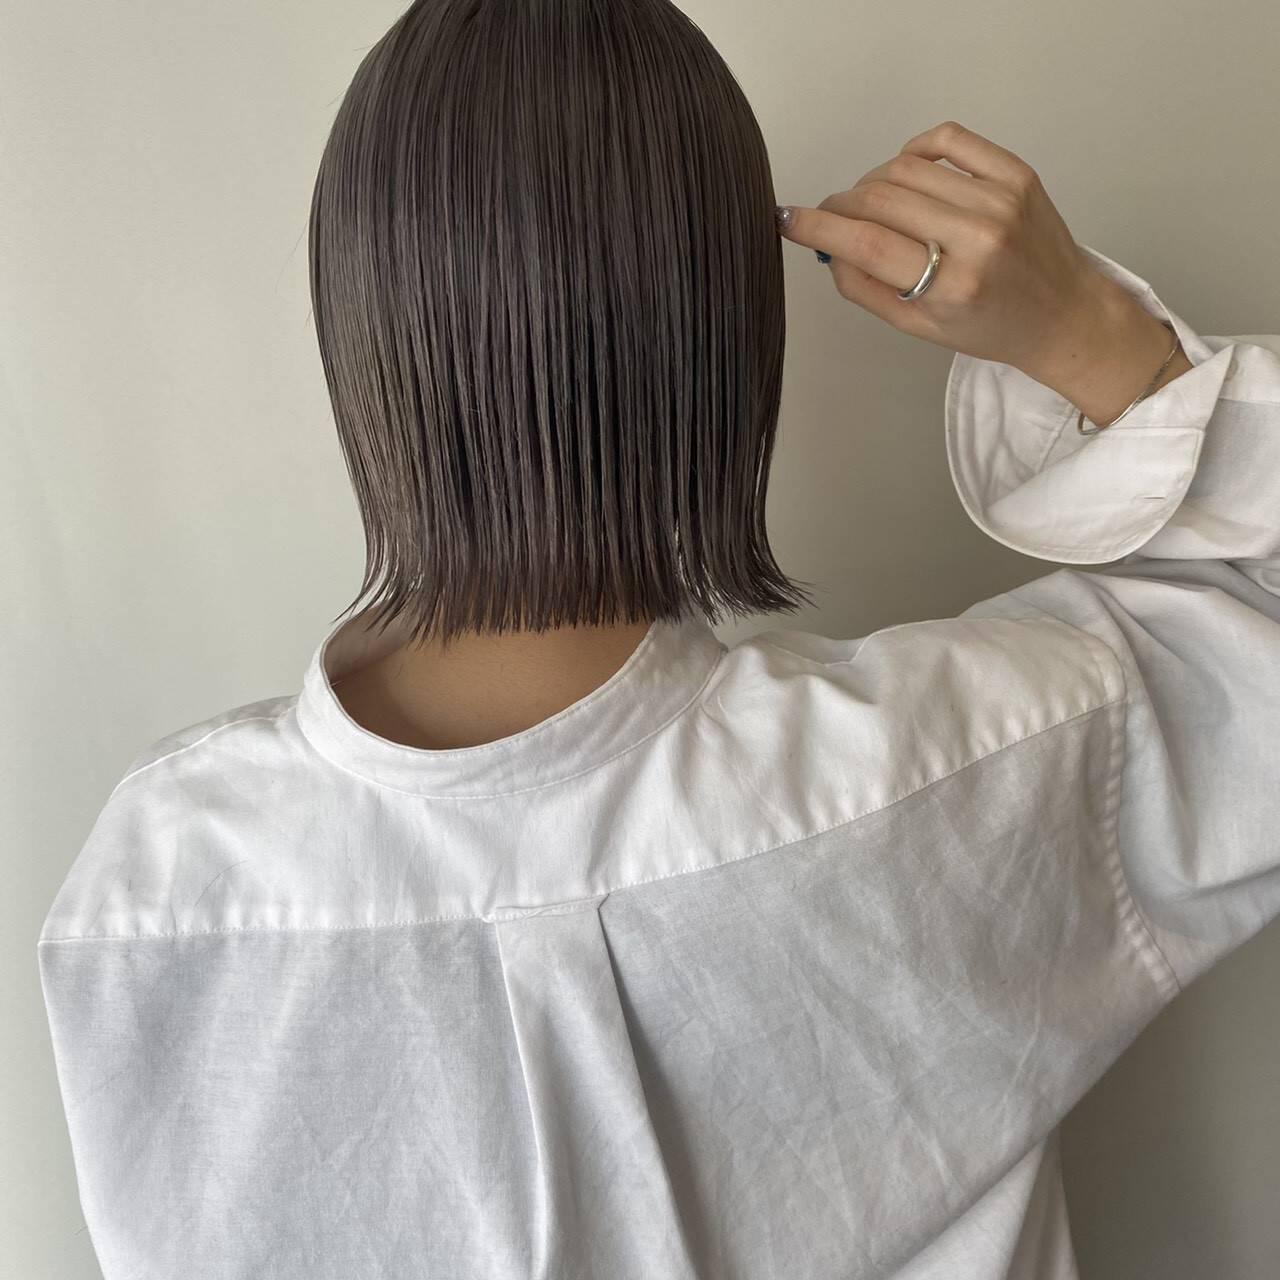 ハイトーンカラー ナチュラル ヘアカラー ブリーチカラーヘアスタイルや髪型の写真・画像